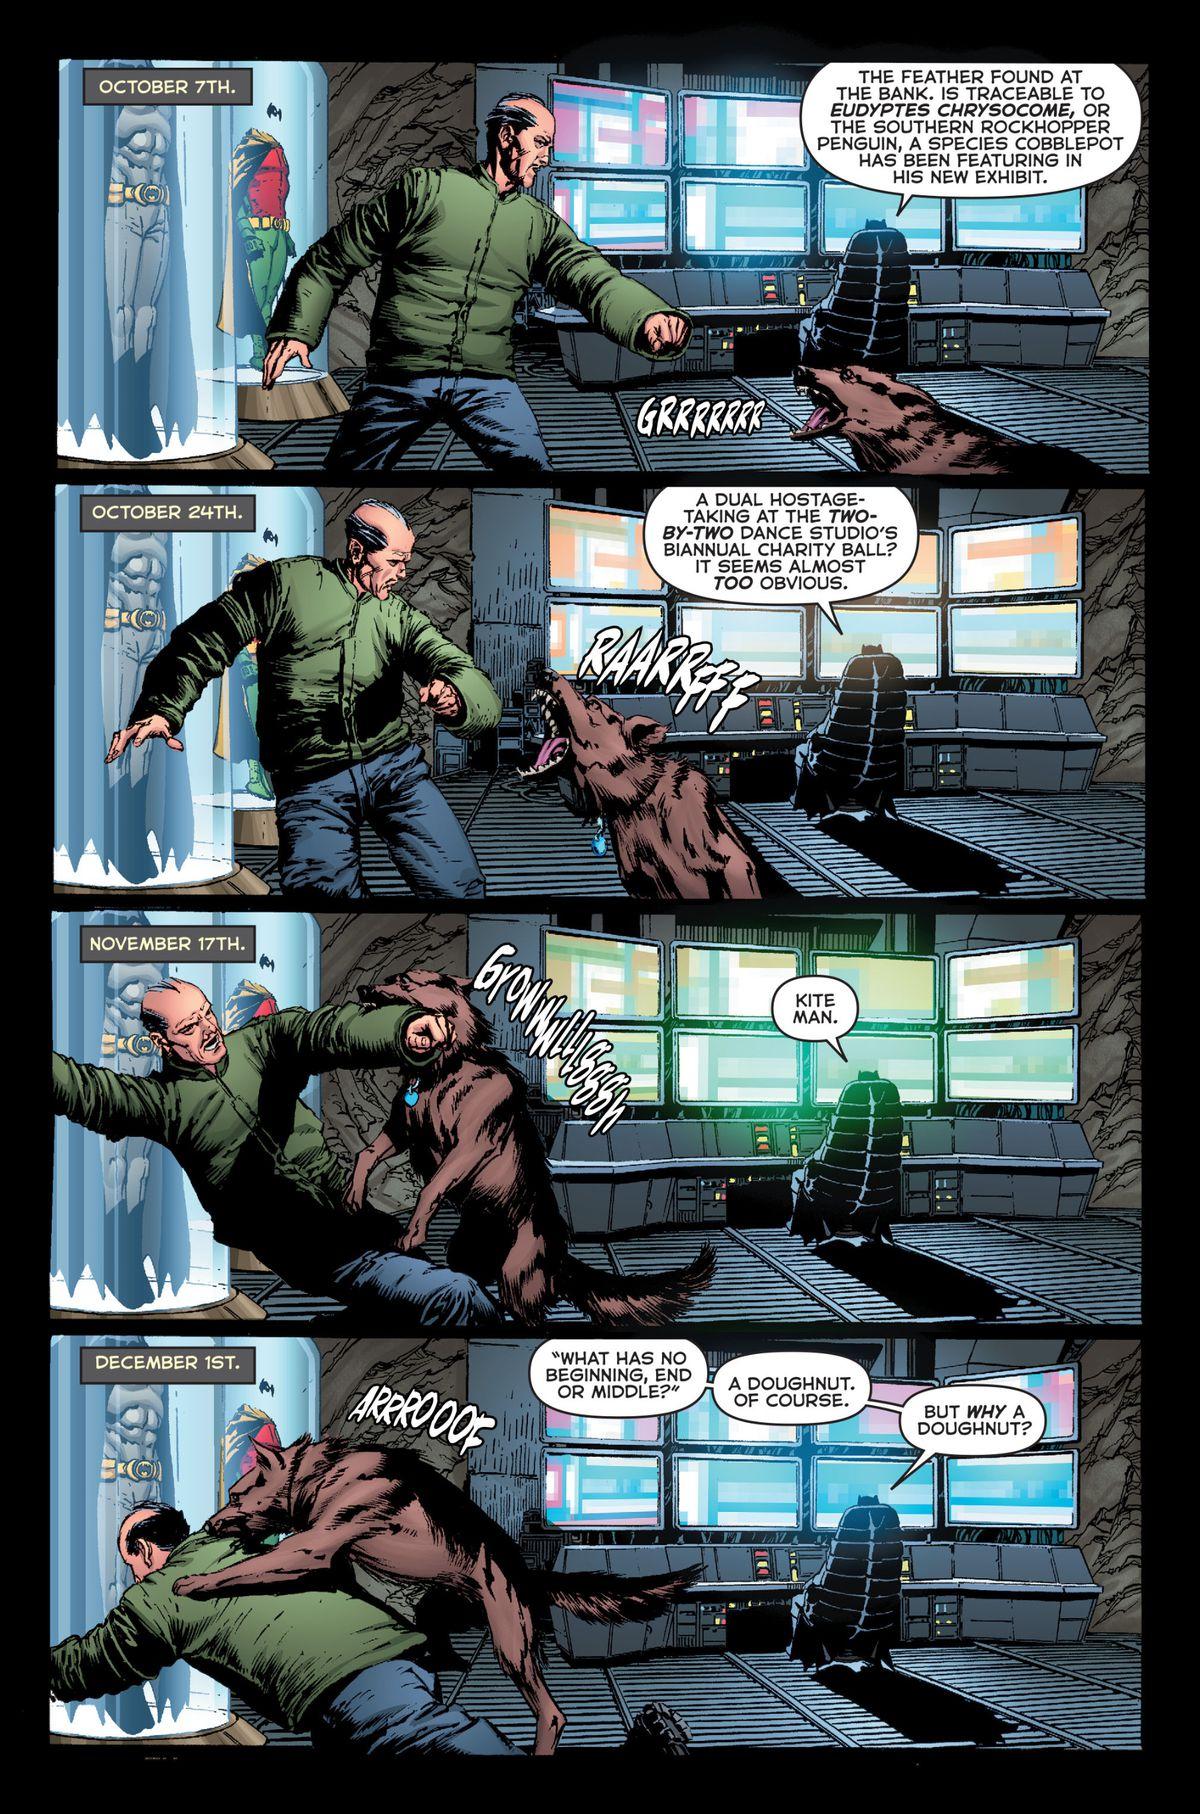 How Batman's villain, Kite Man, went from a joke to a tragic figure